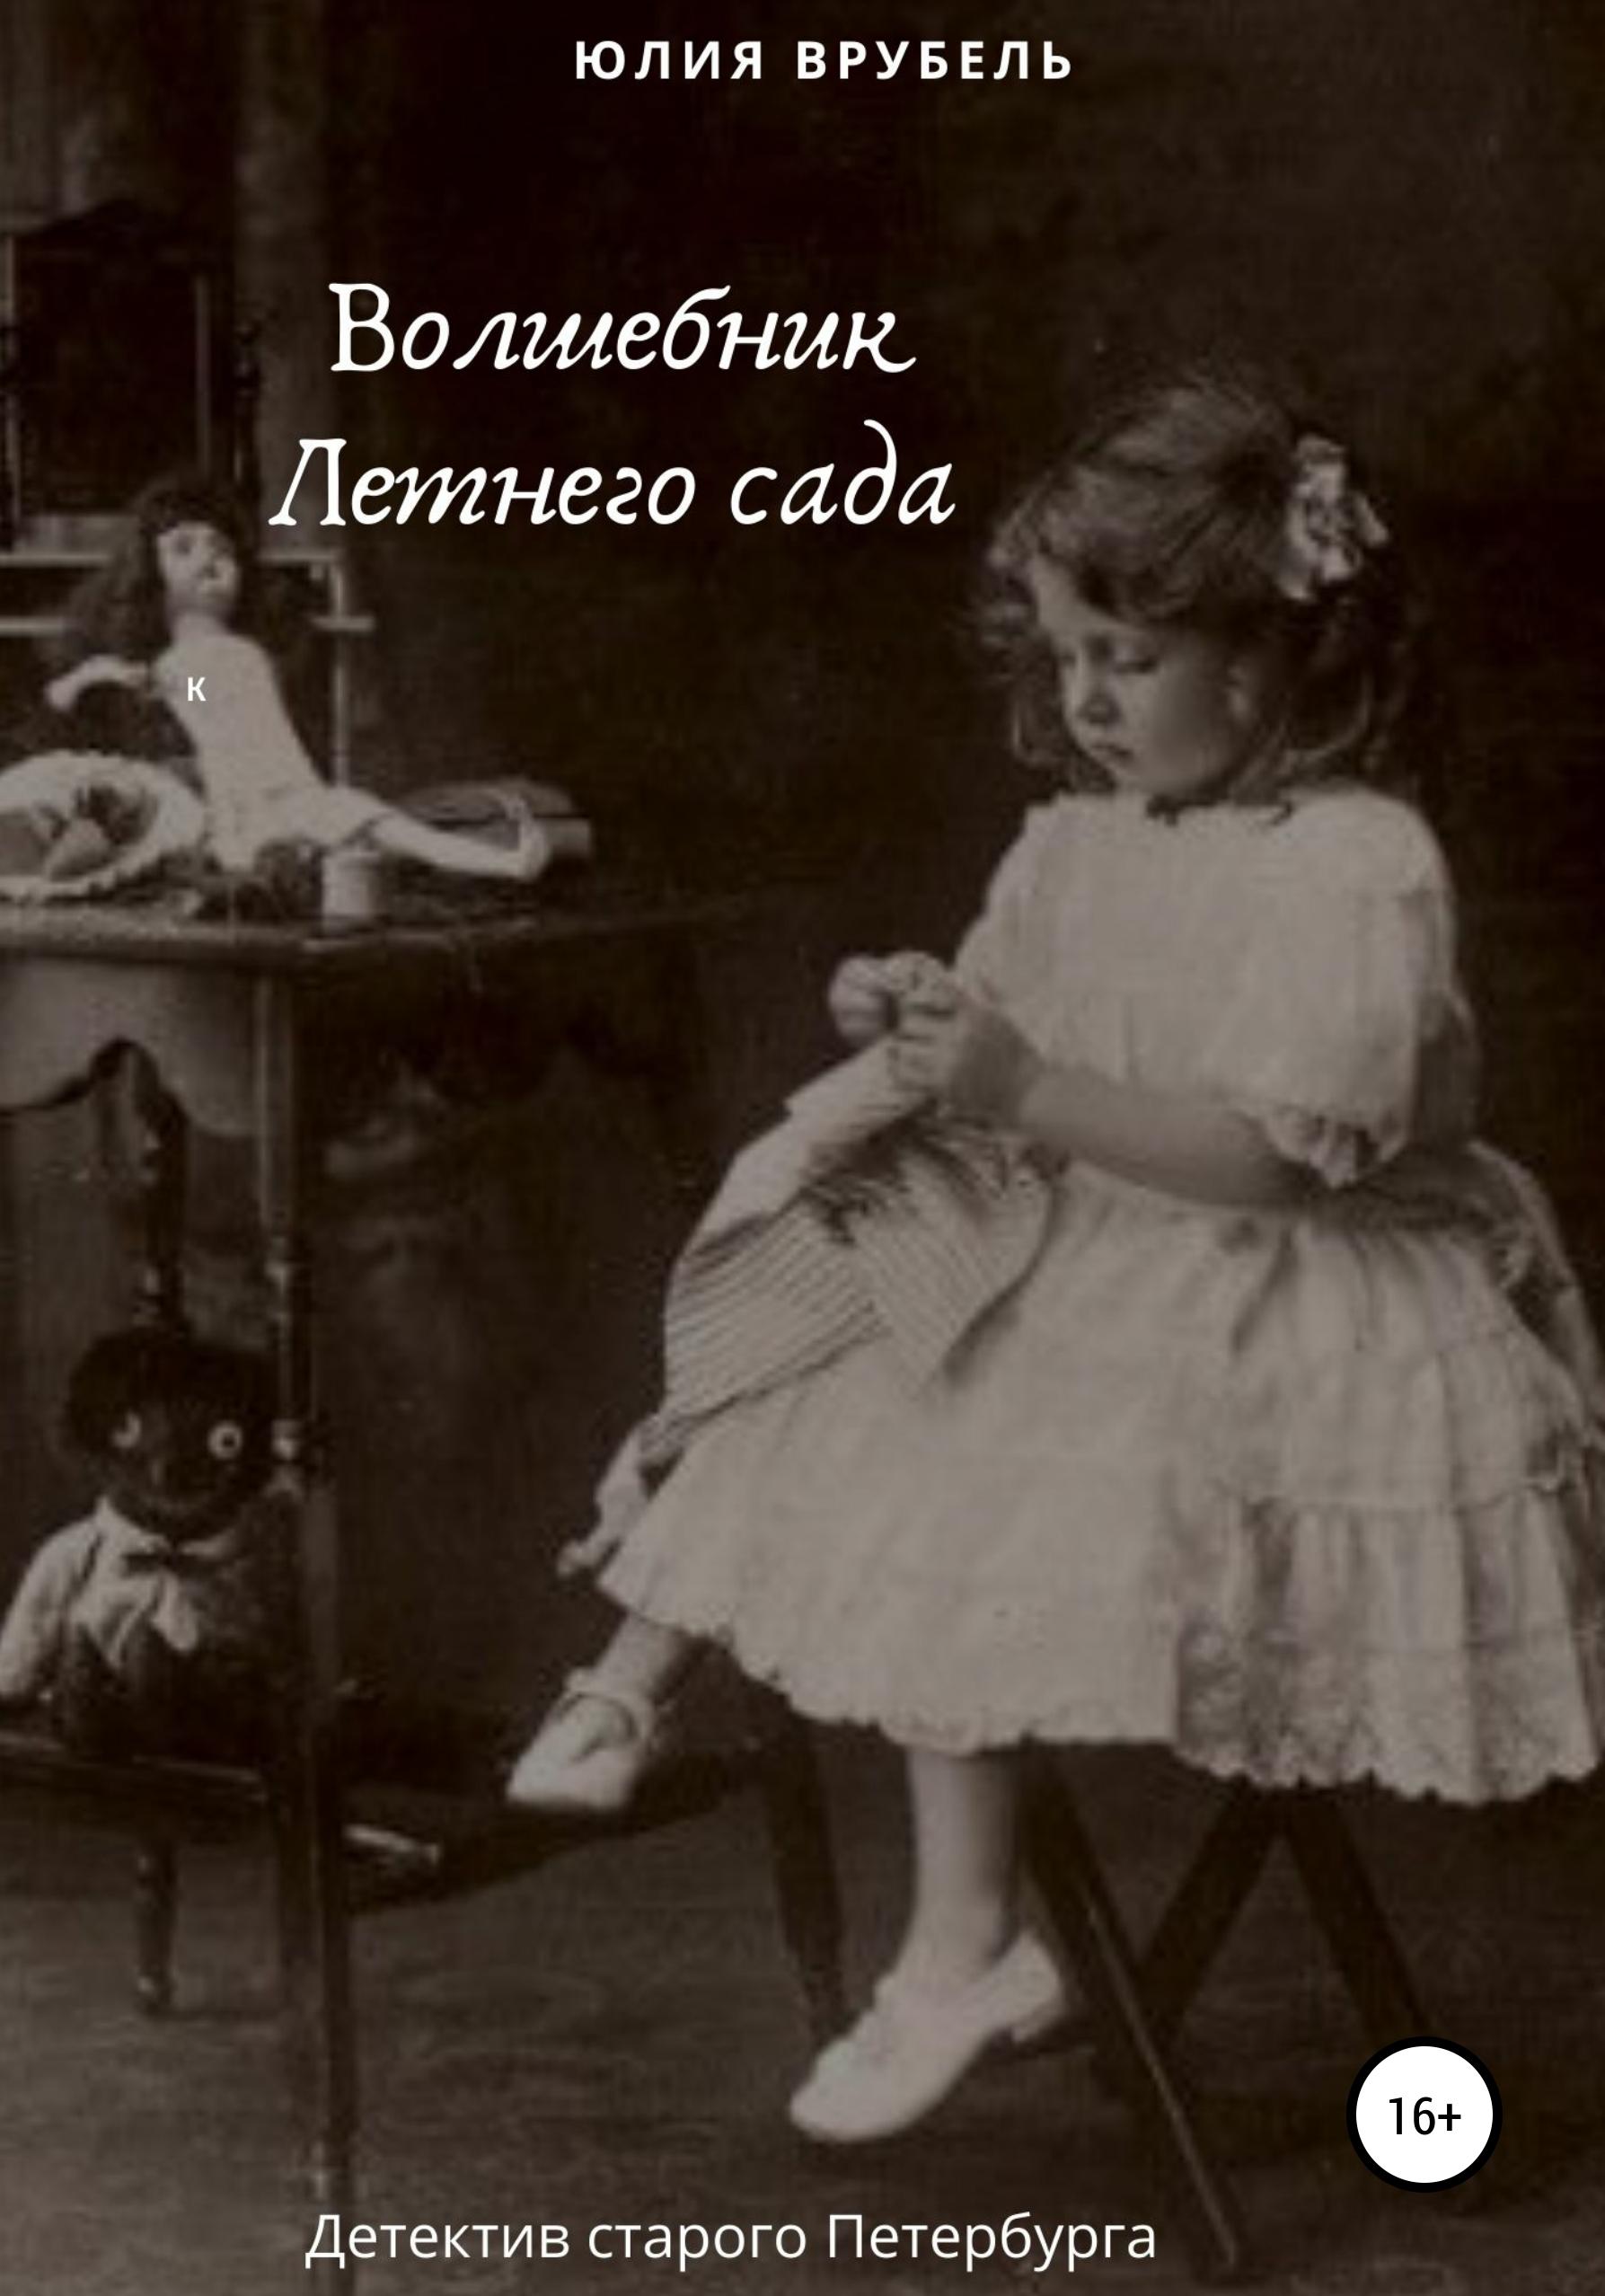 Юлия Врубель - Волшебник Летнего сада